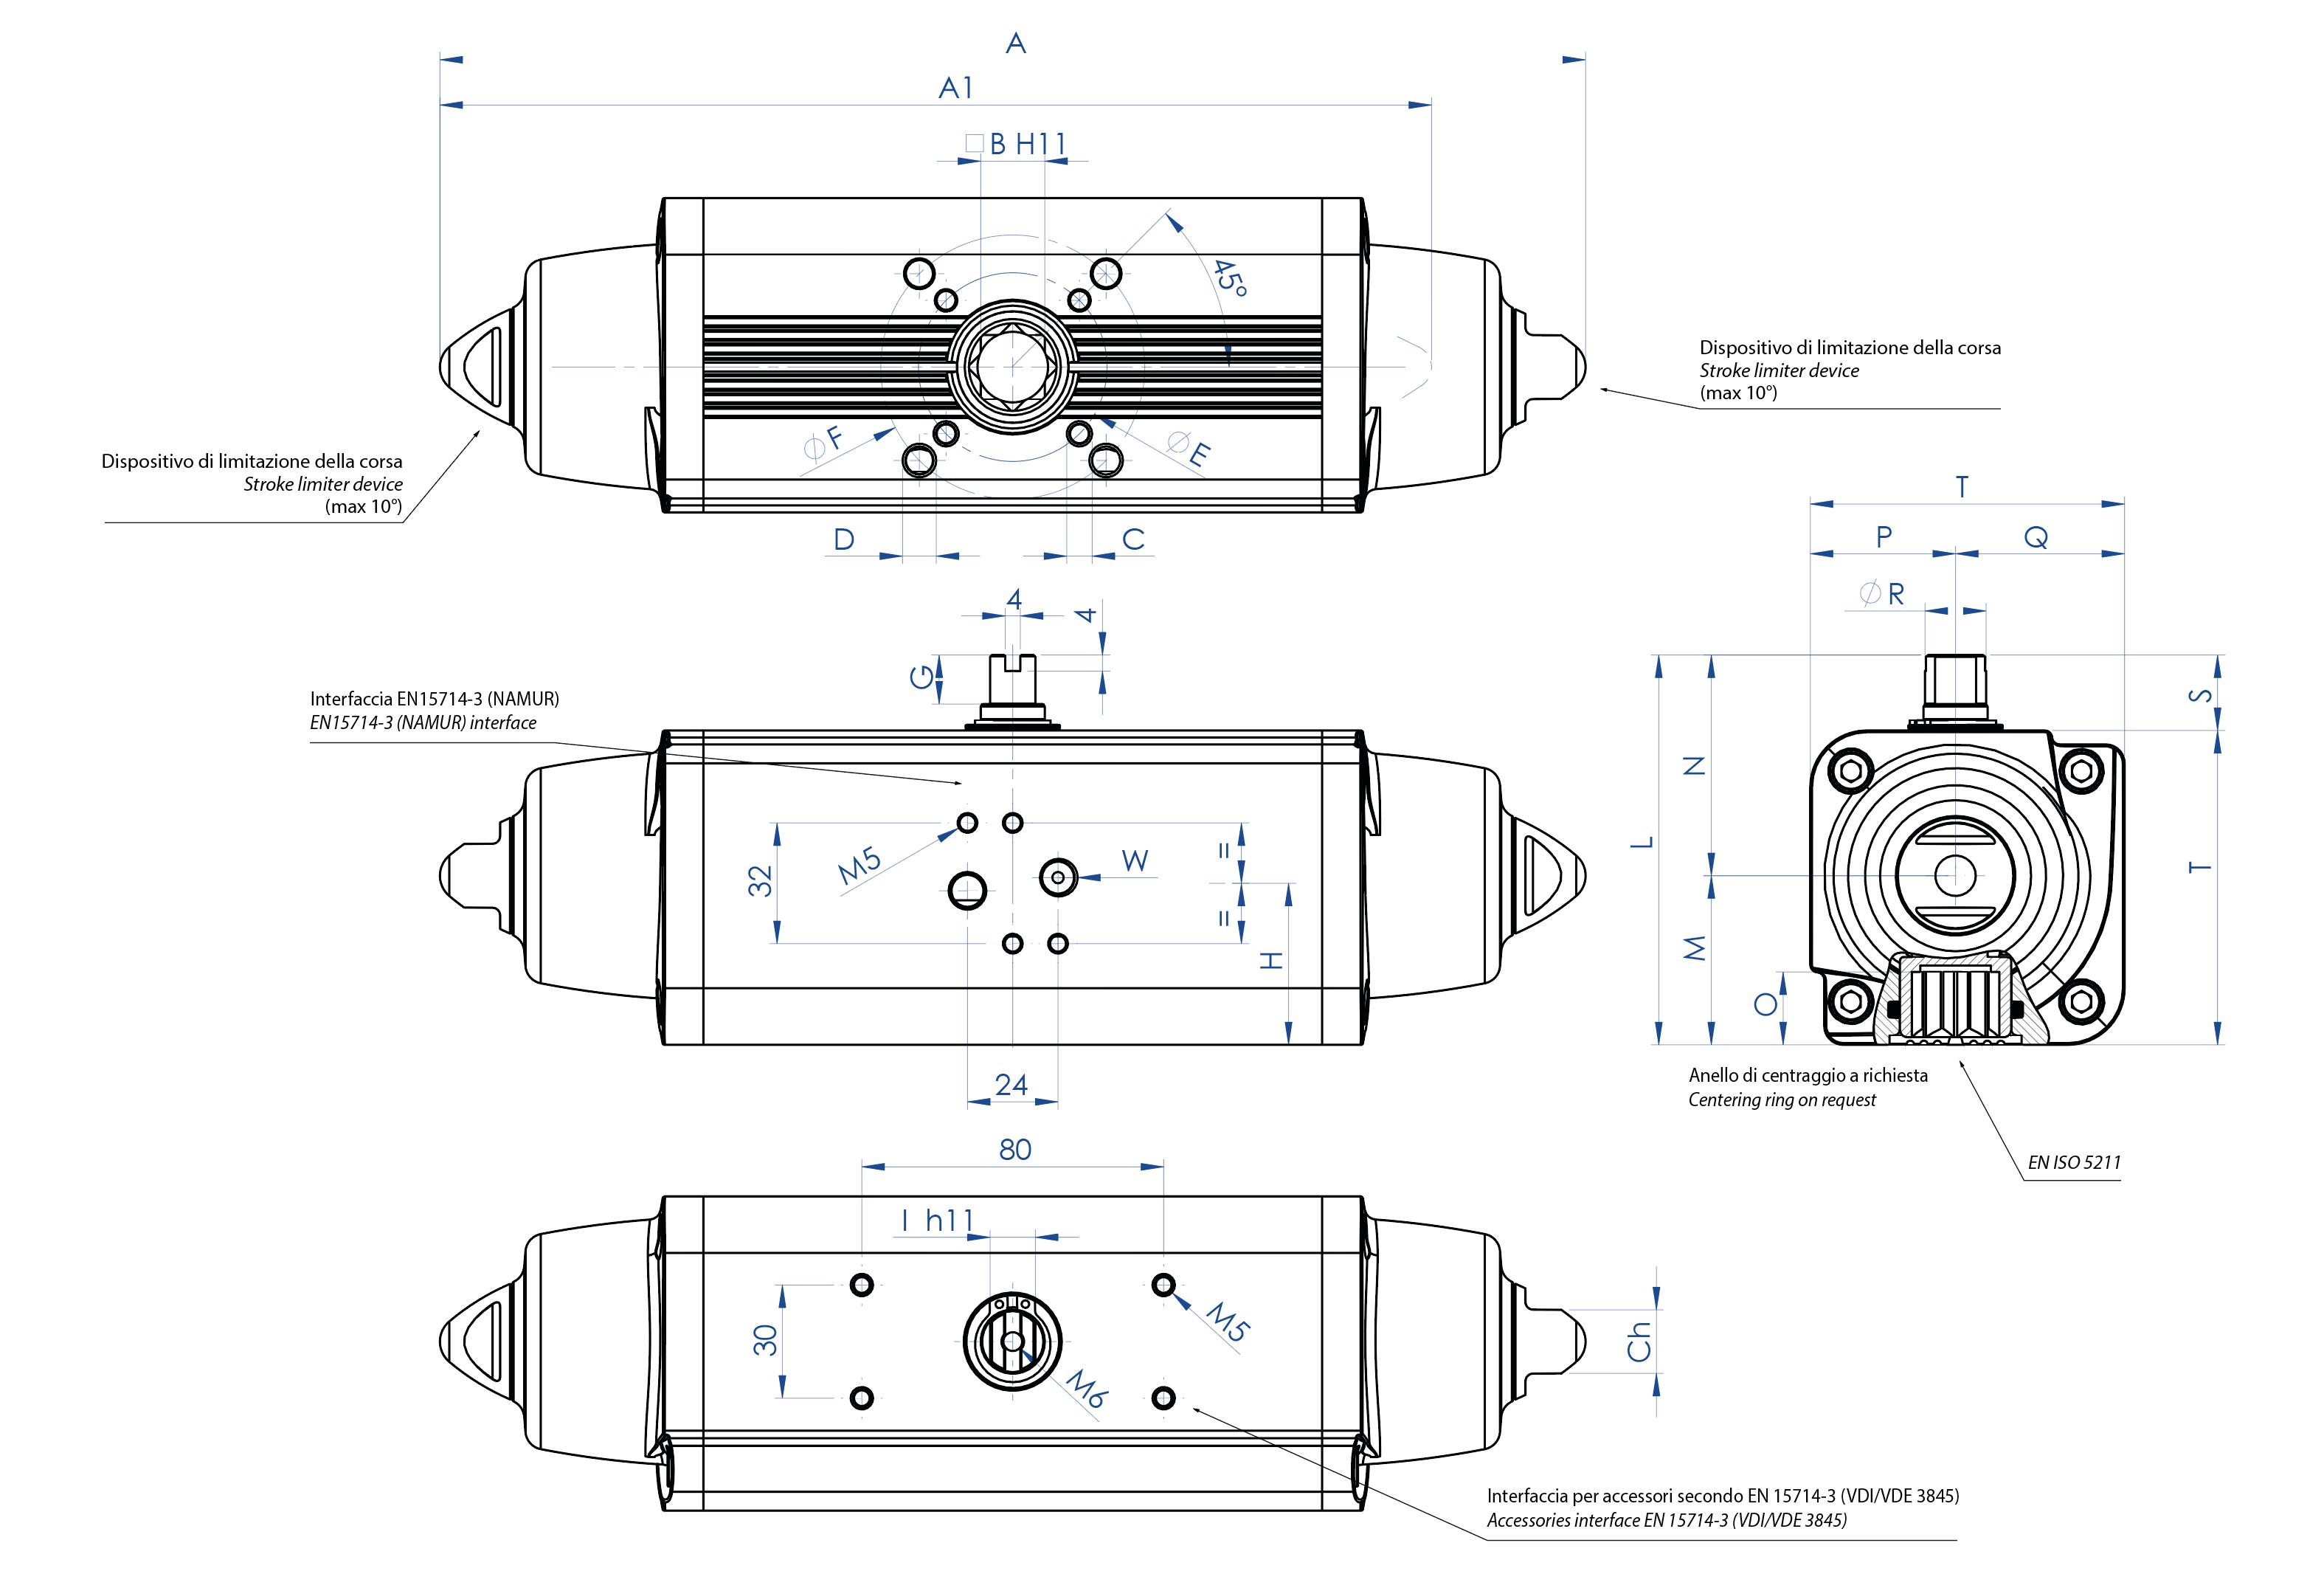 Einfachwirkender pneumatischer Stellantrieb GS aus Aluminium - abmessungen - Einfachwirkender pneumatischer Stellantrieb Baugröße von GS15 (Nm) bis GS960 (Nm)